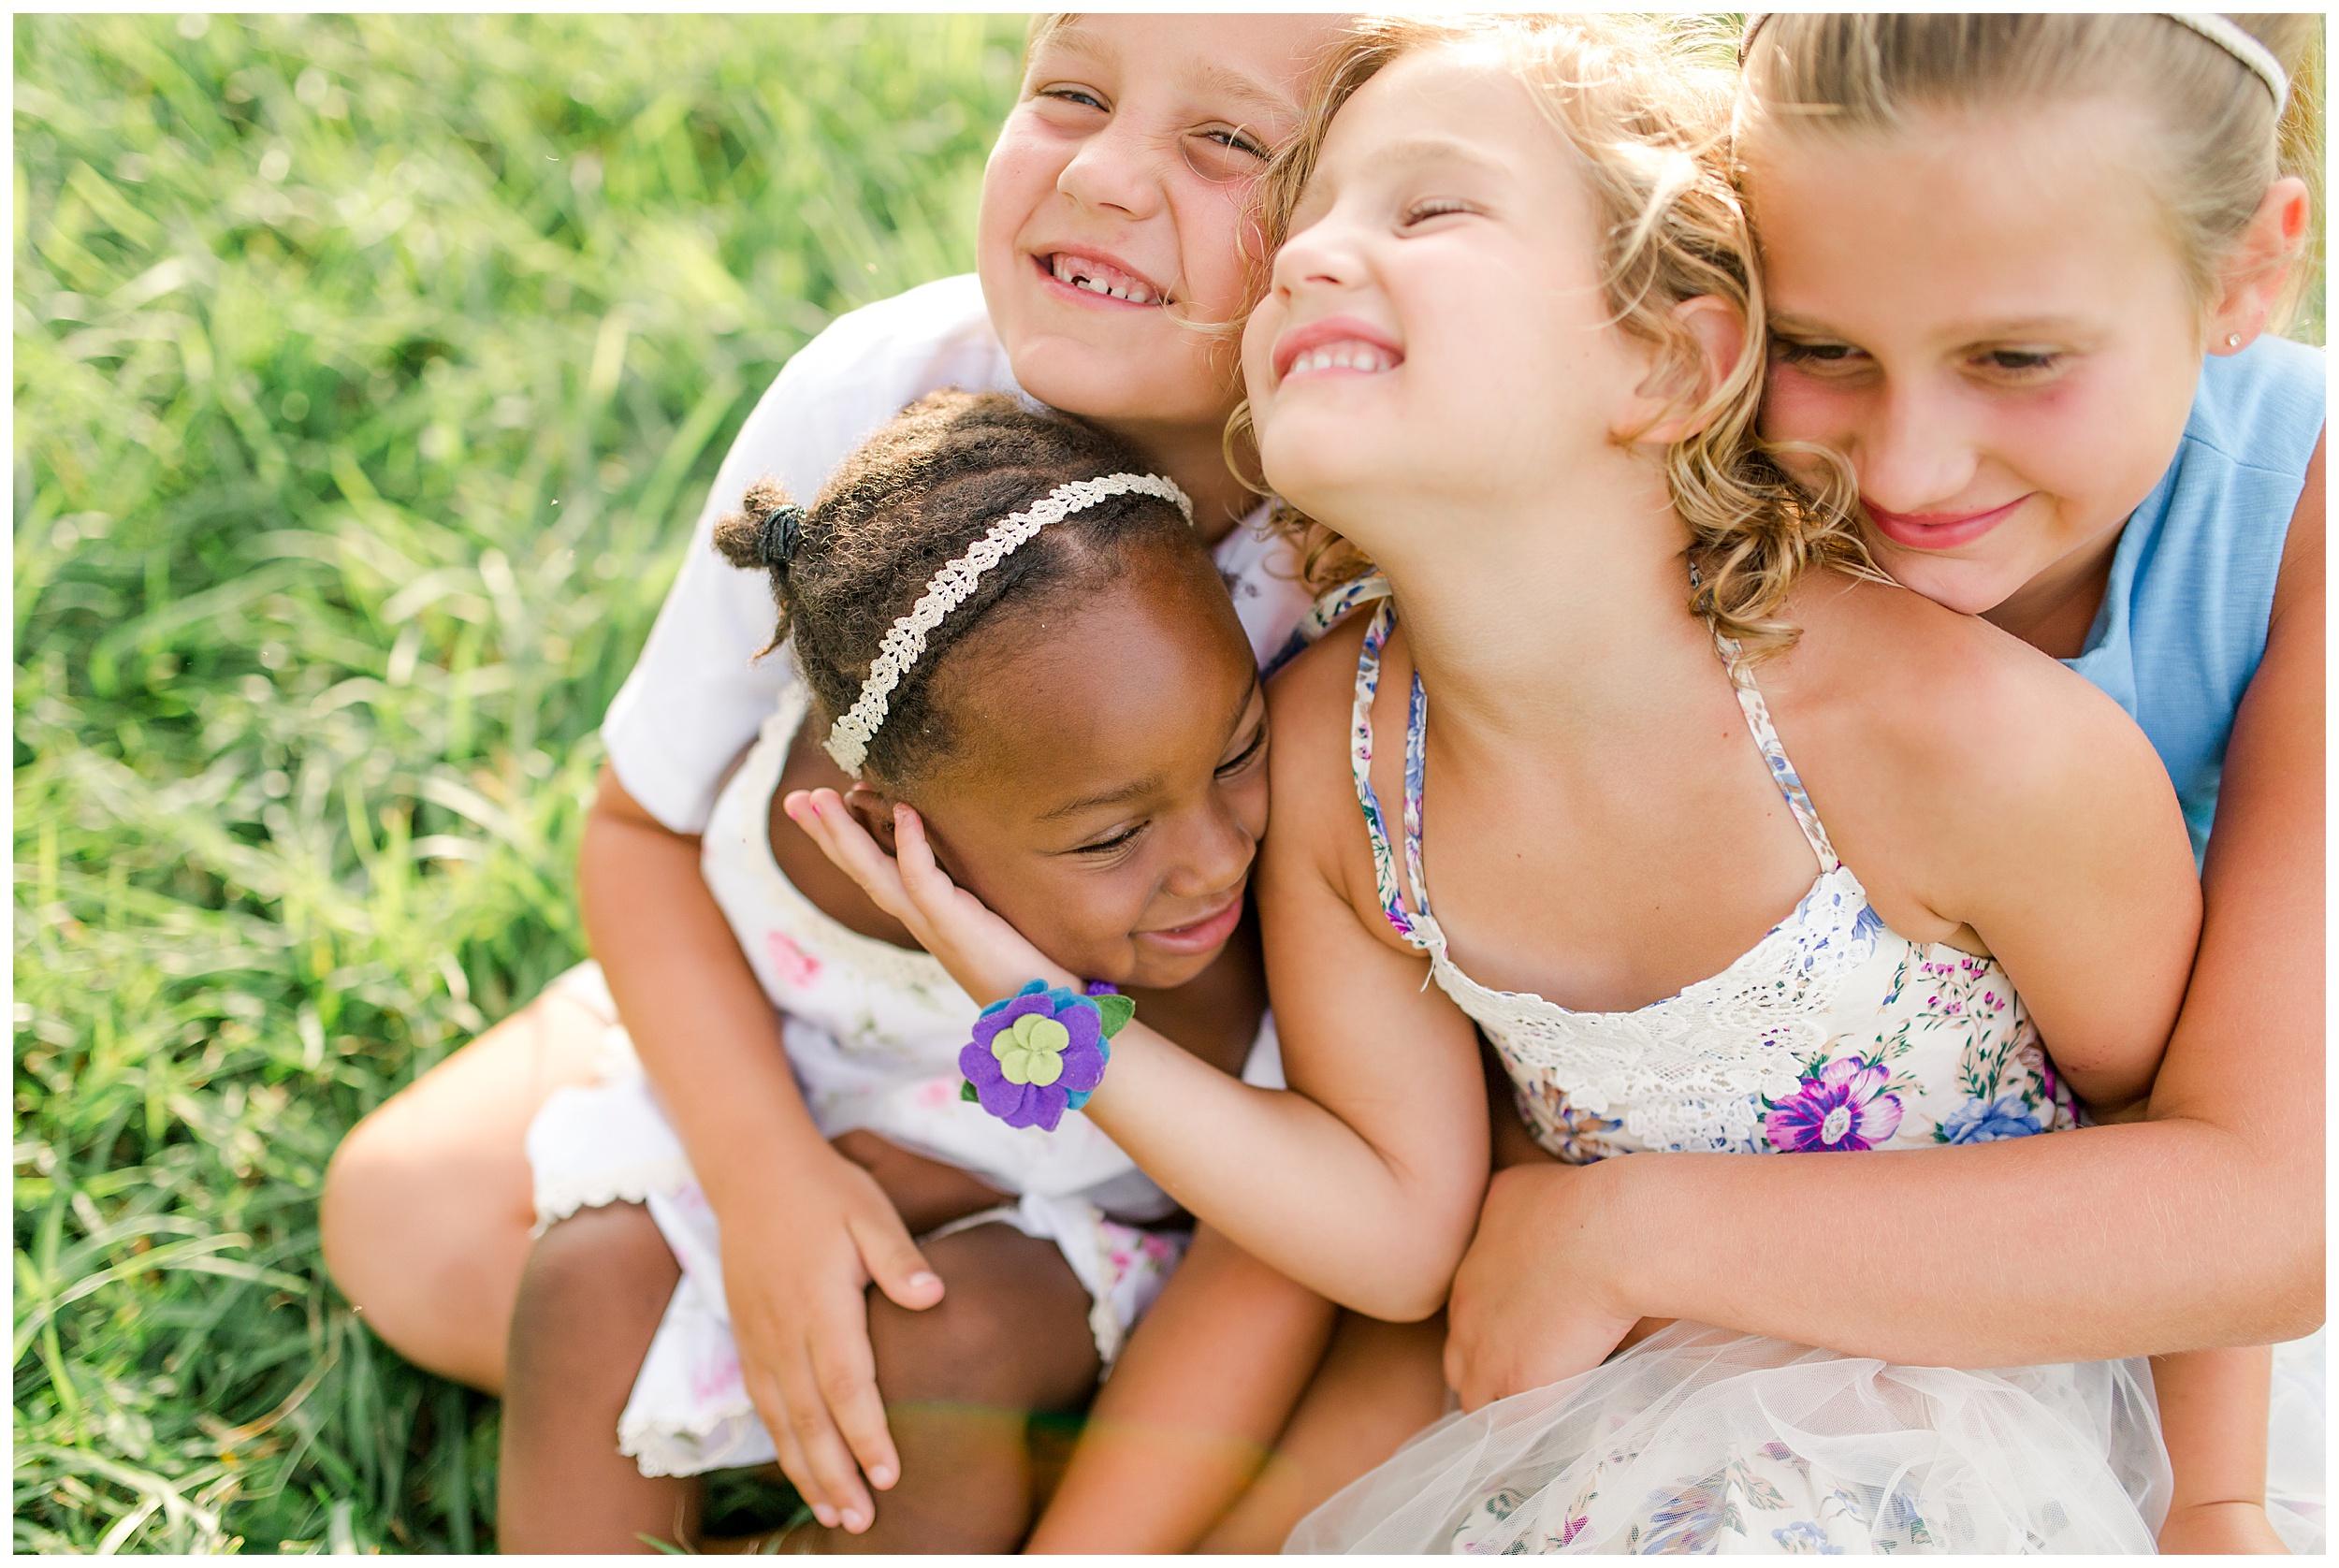 lexington-ky-family-lifestyle-photographer-priscilla-baierlein_1293.jpg